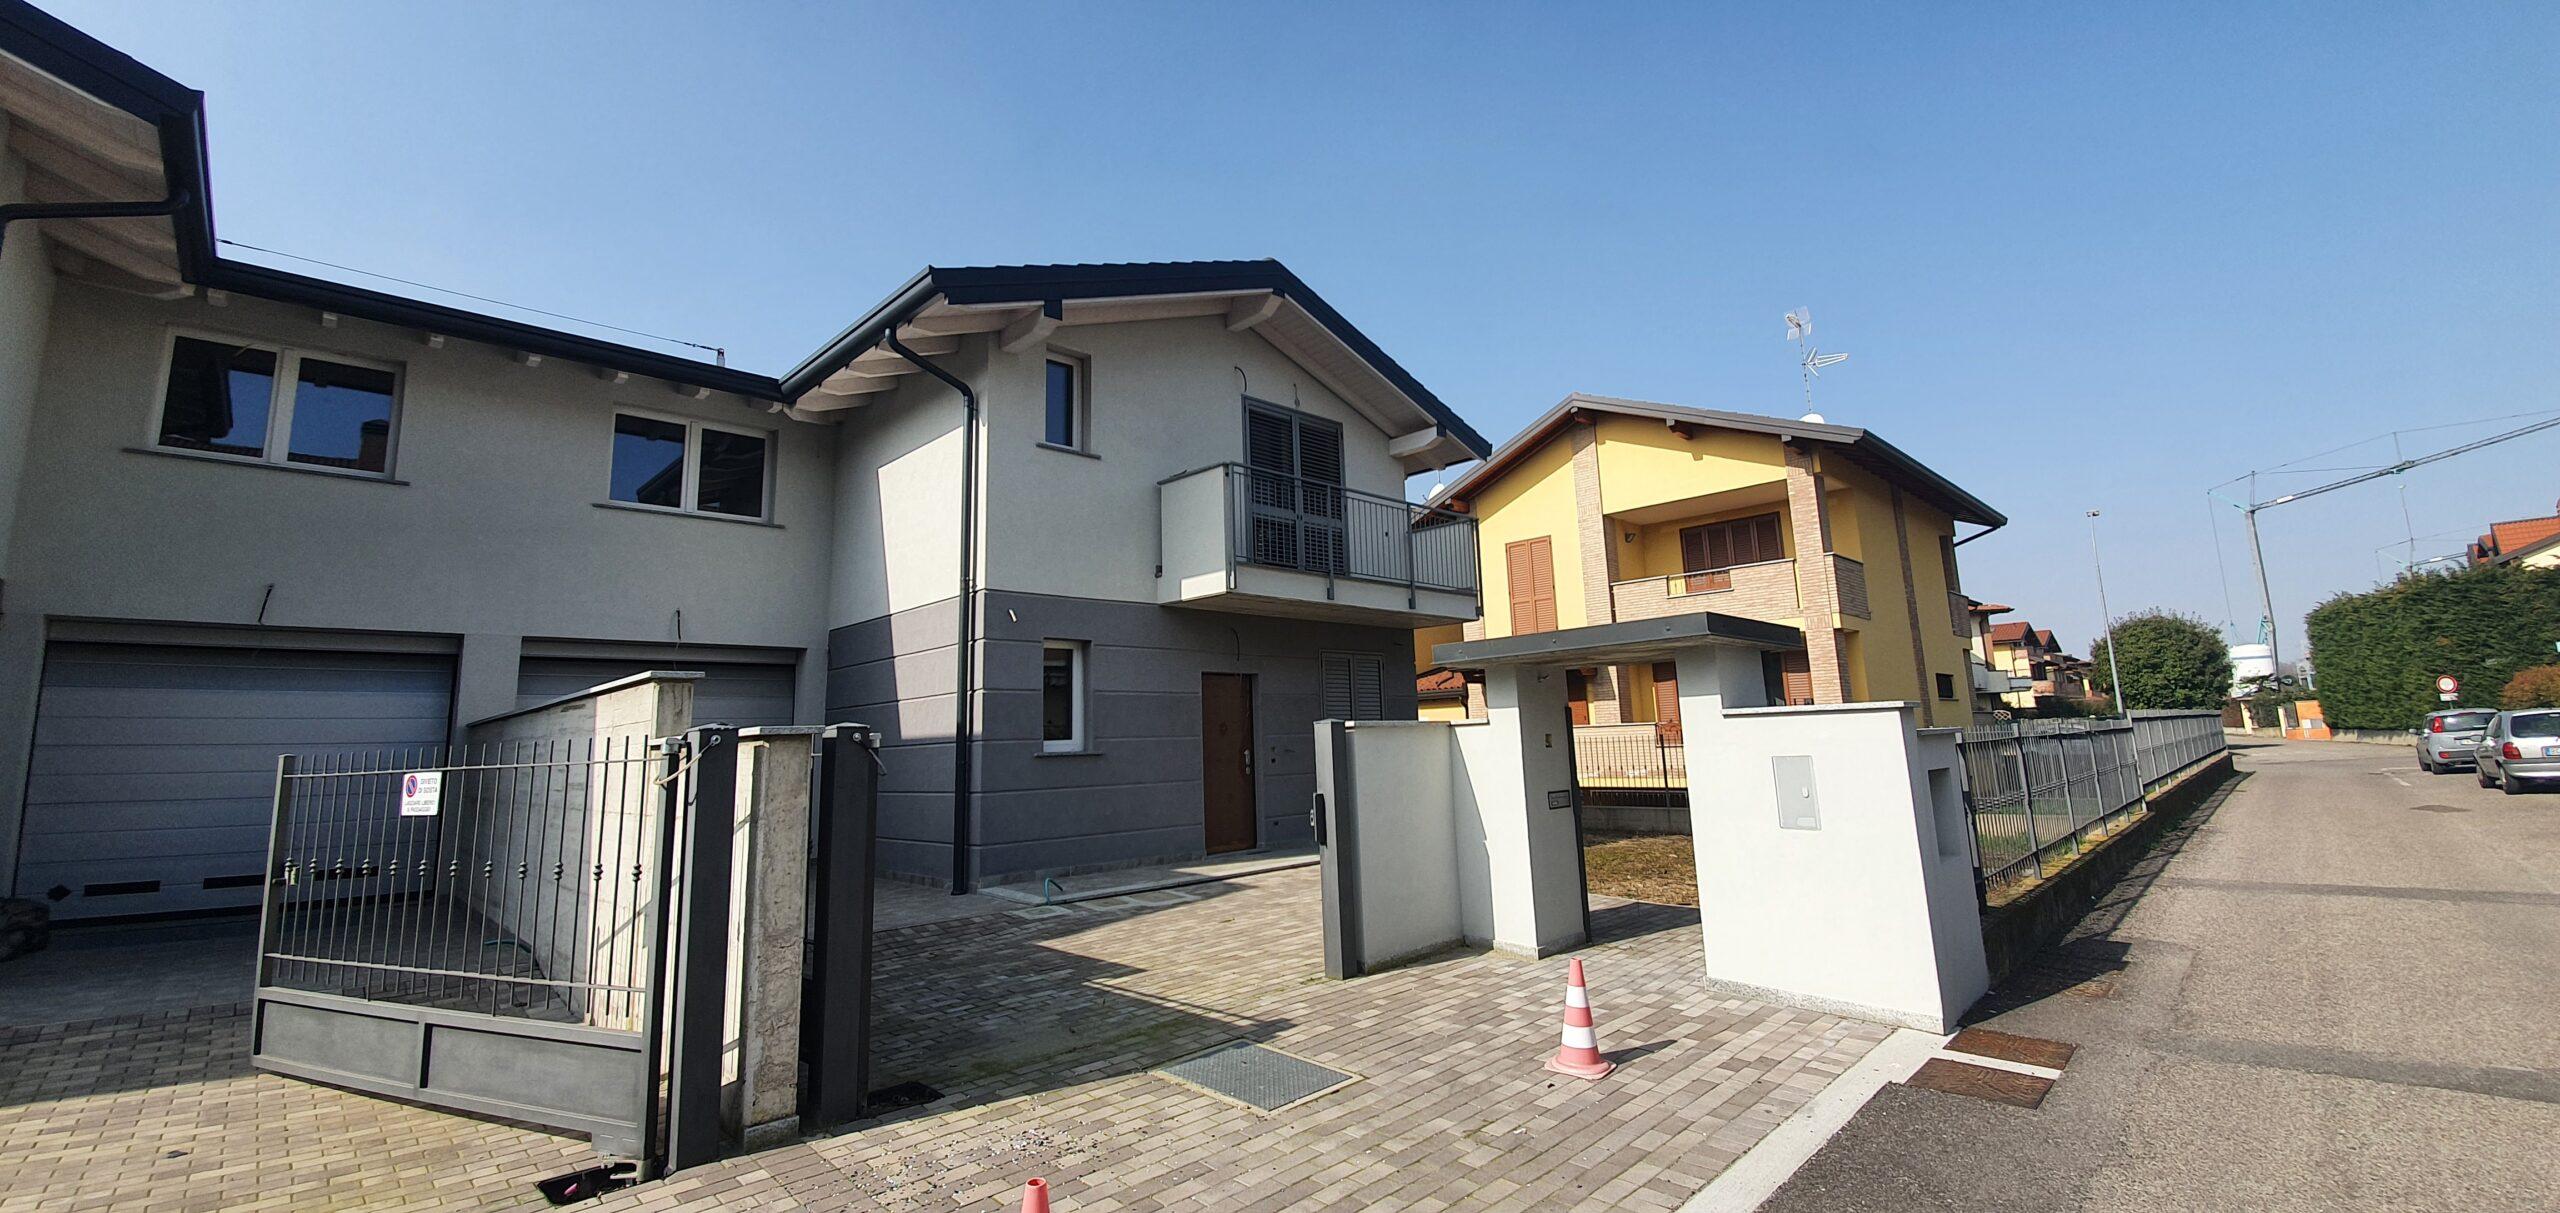 Villa di nuova costruzione a Dairago